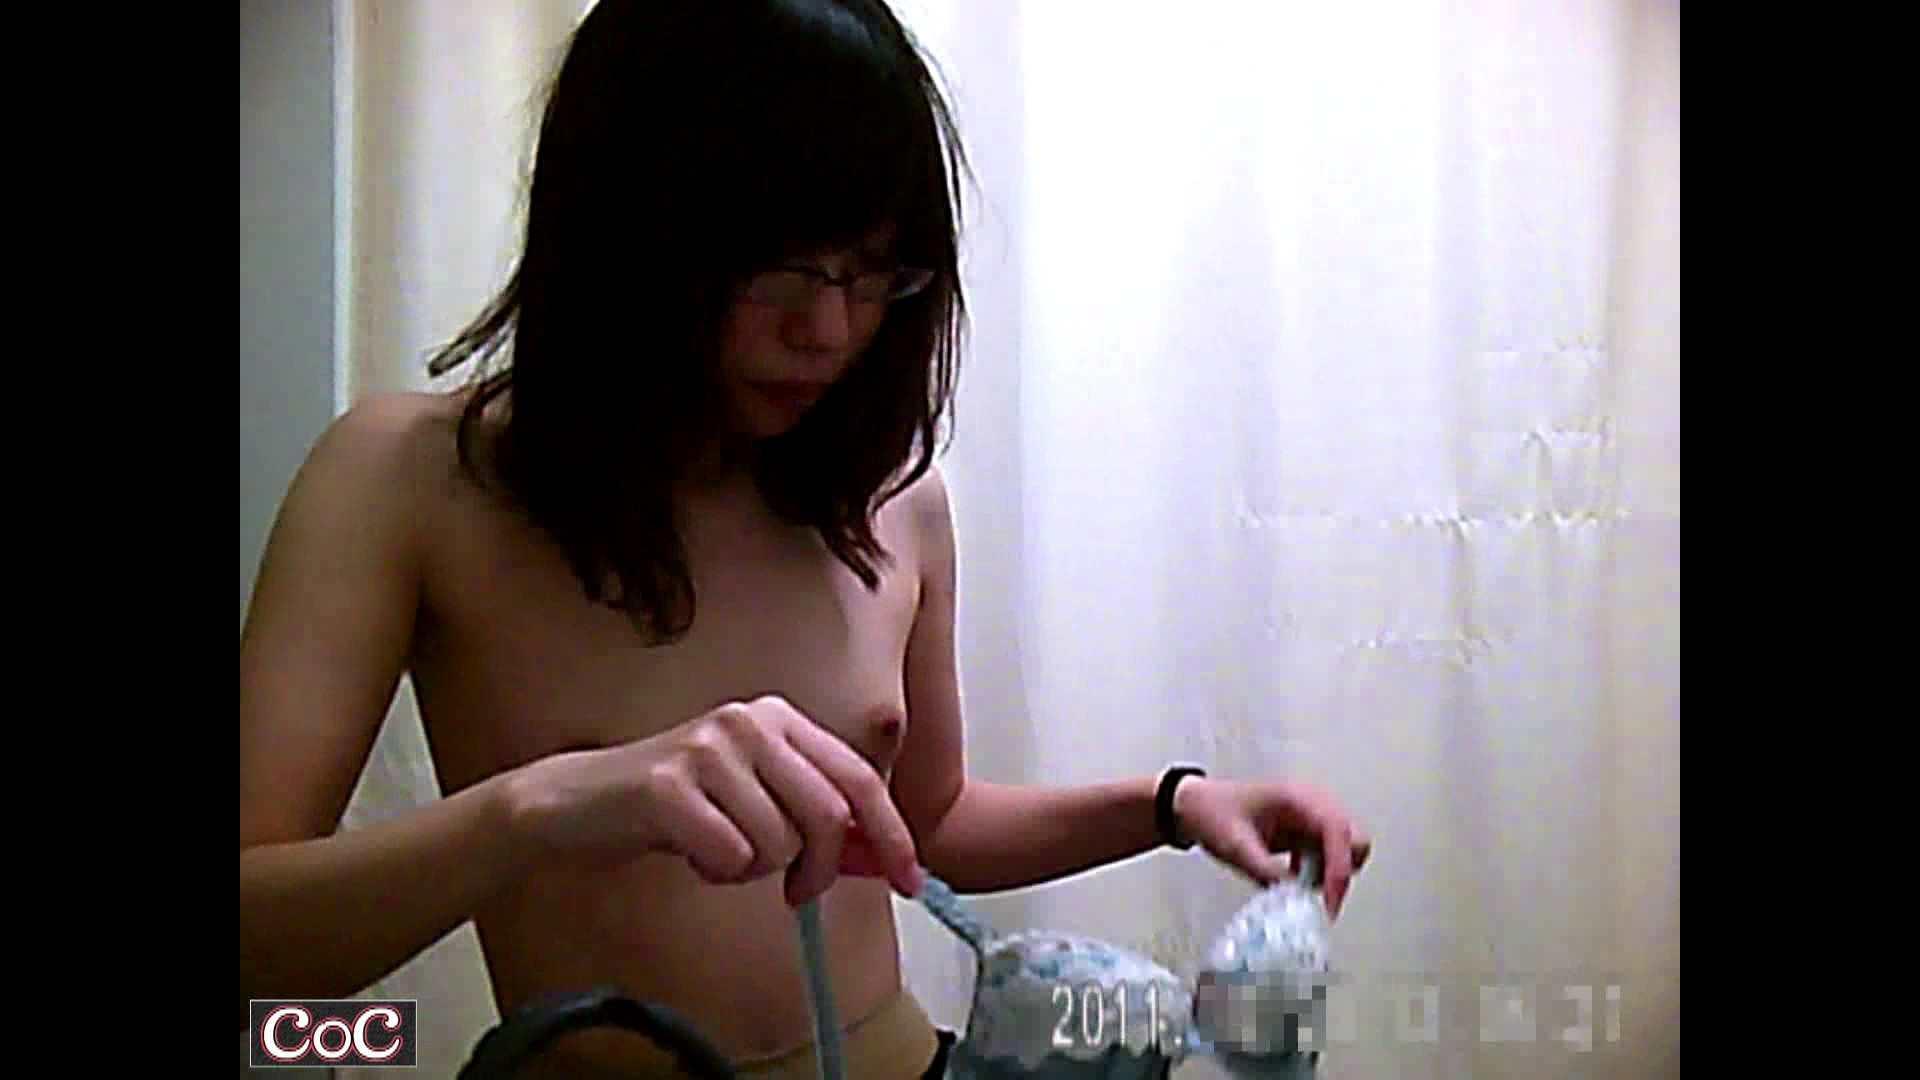 病院おもいっきり着替え! vol.64 おっぱい スケベ動画紹介 83PIX 39